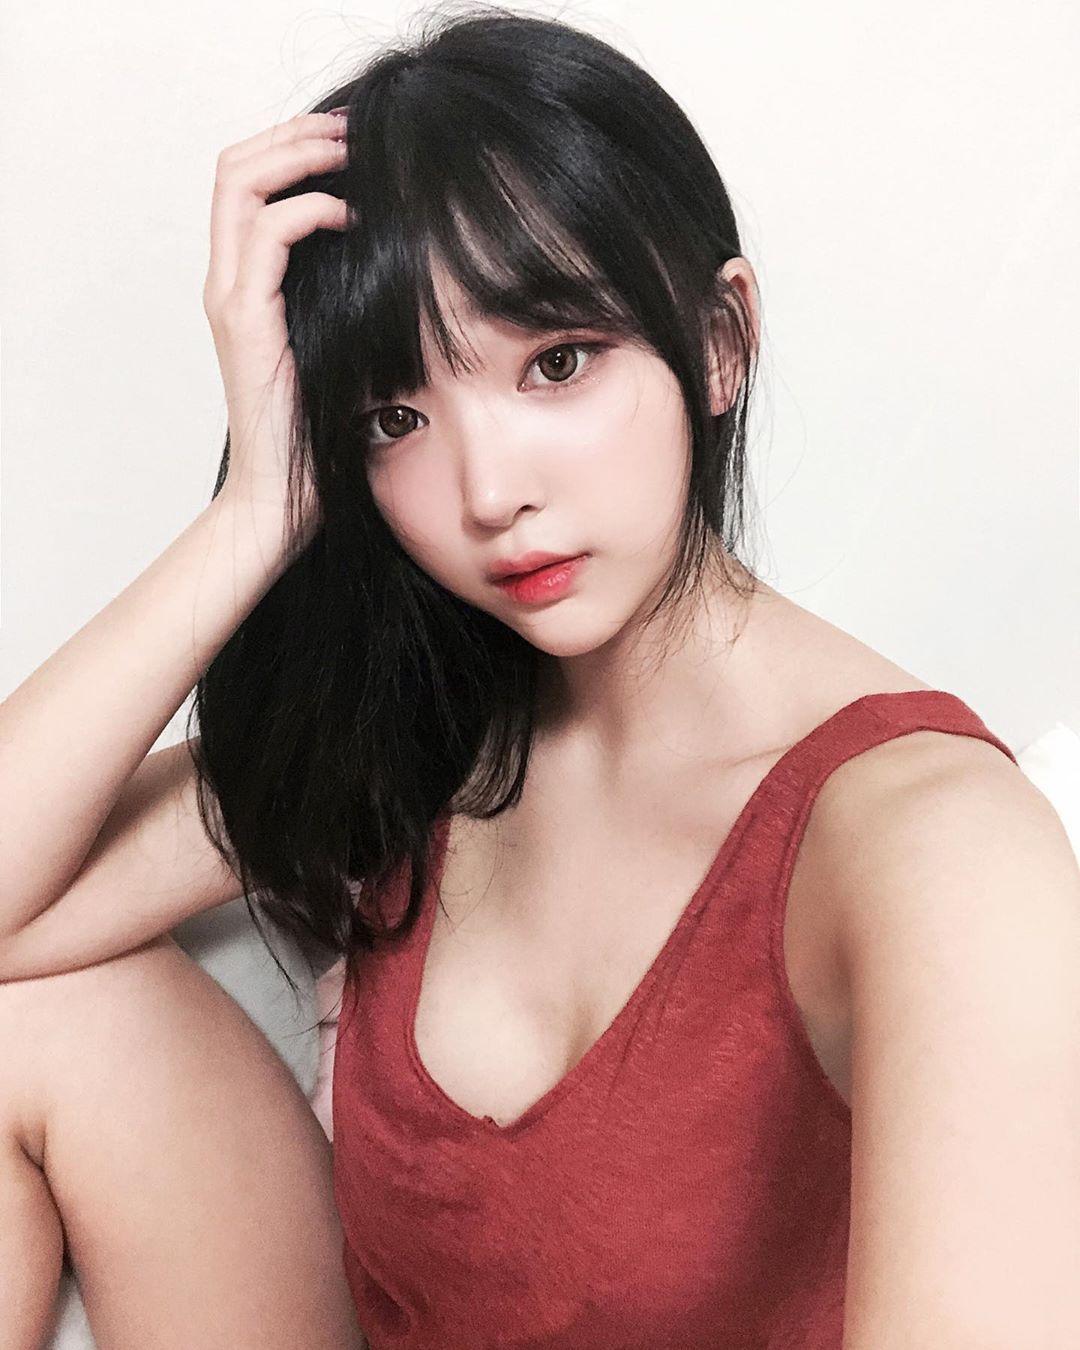 宅男社福利图片周刊[第48期]走!摆地摊